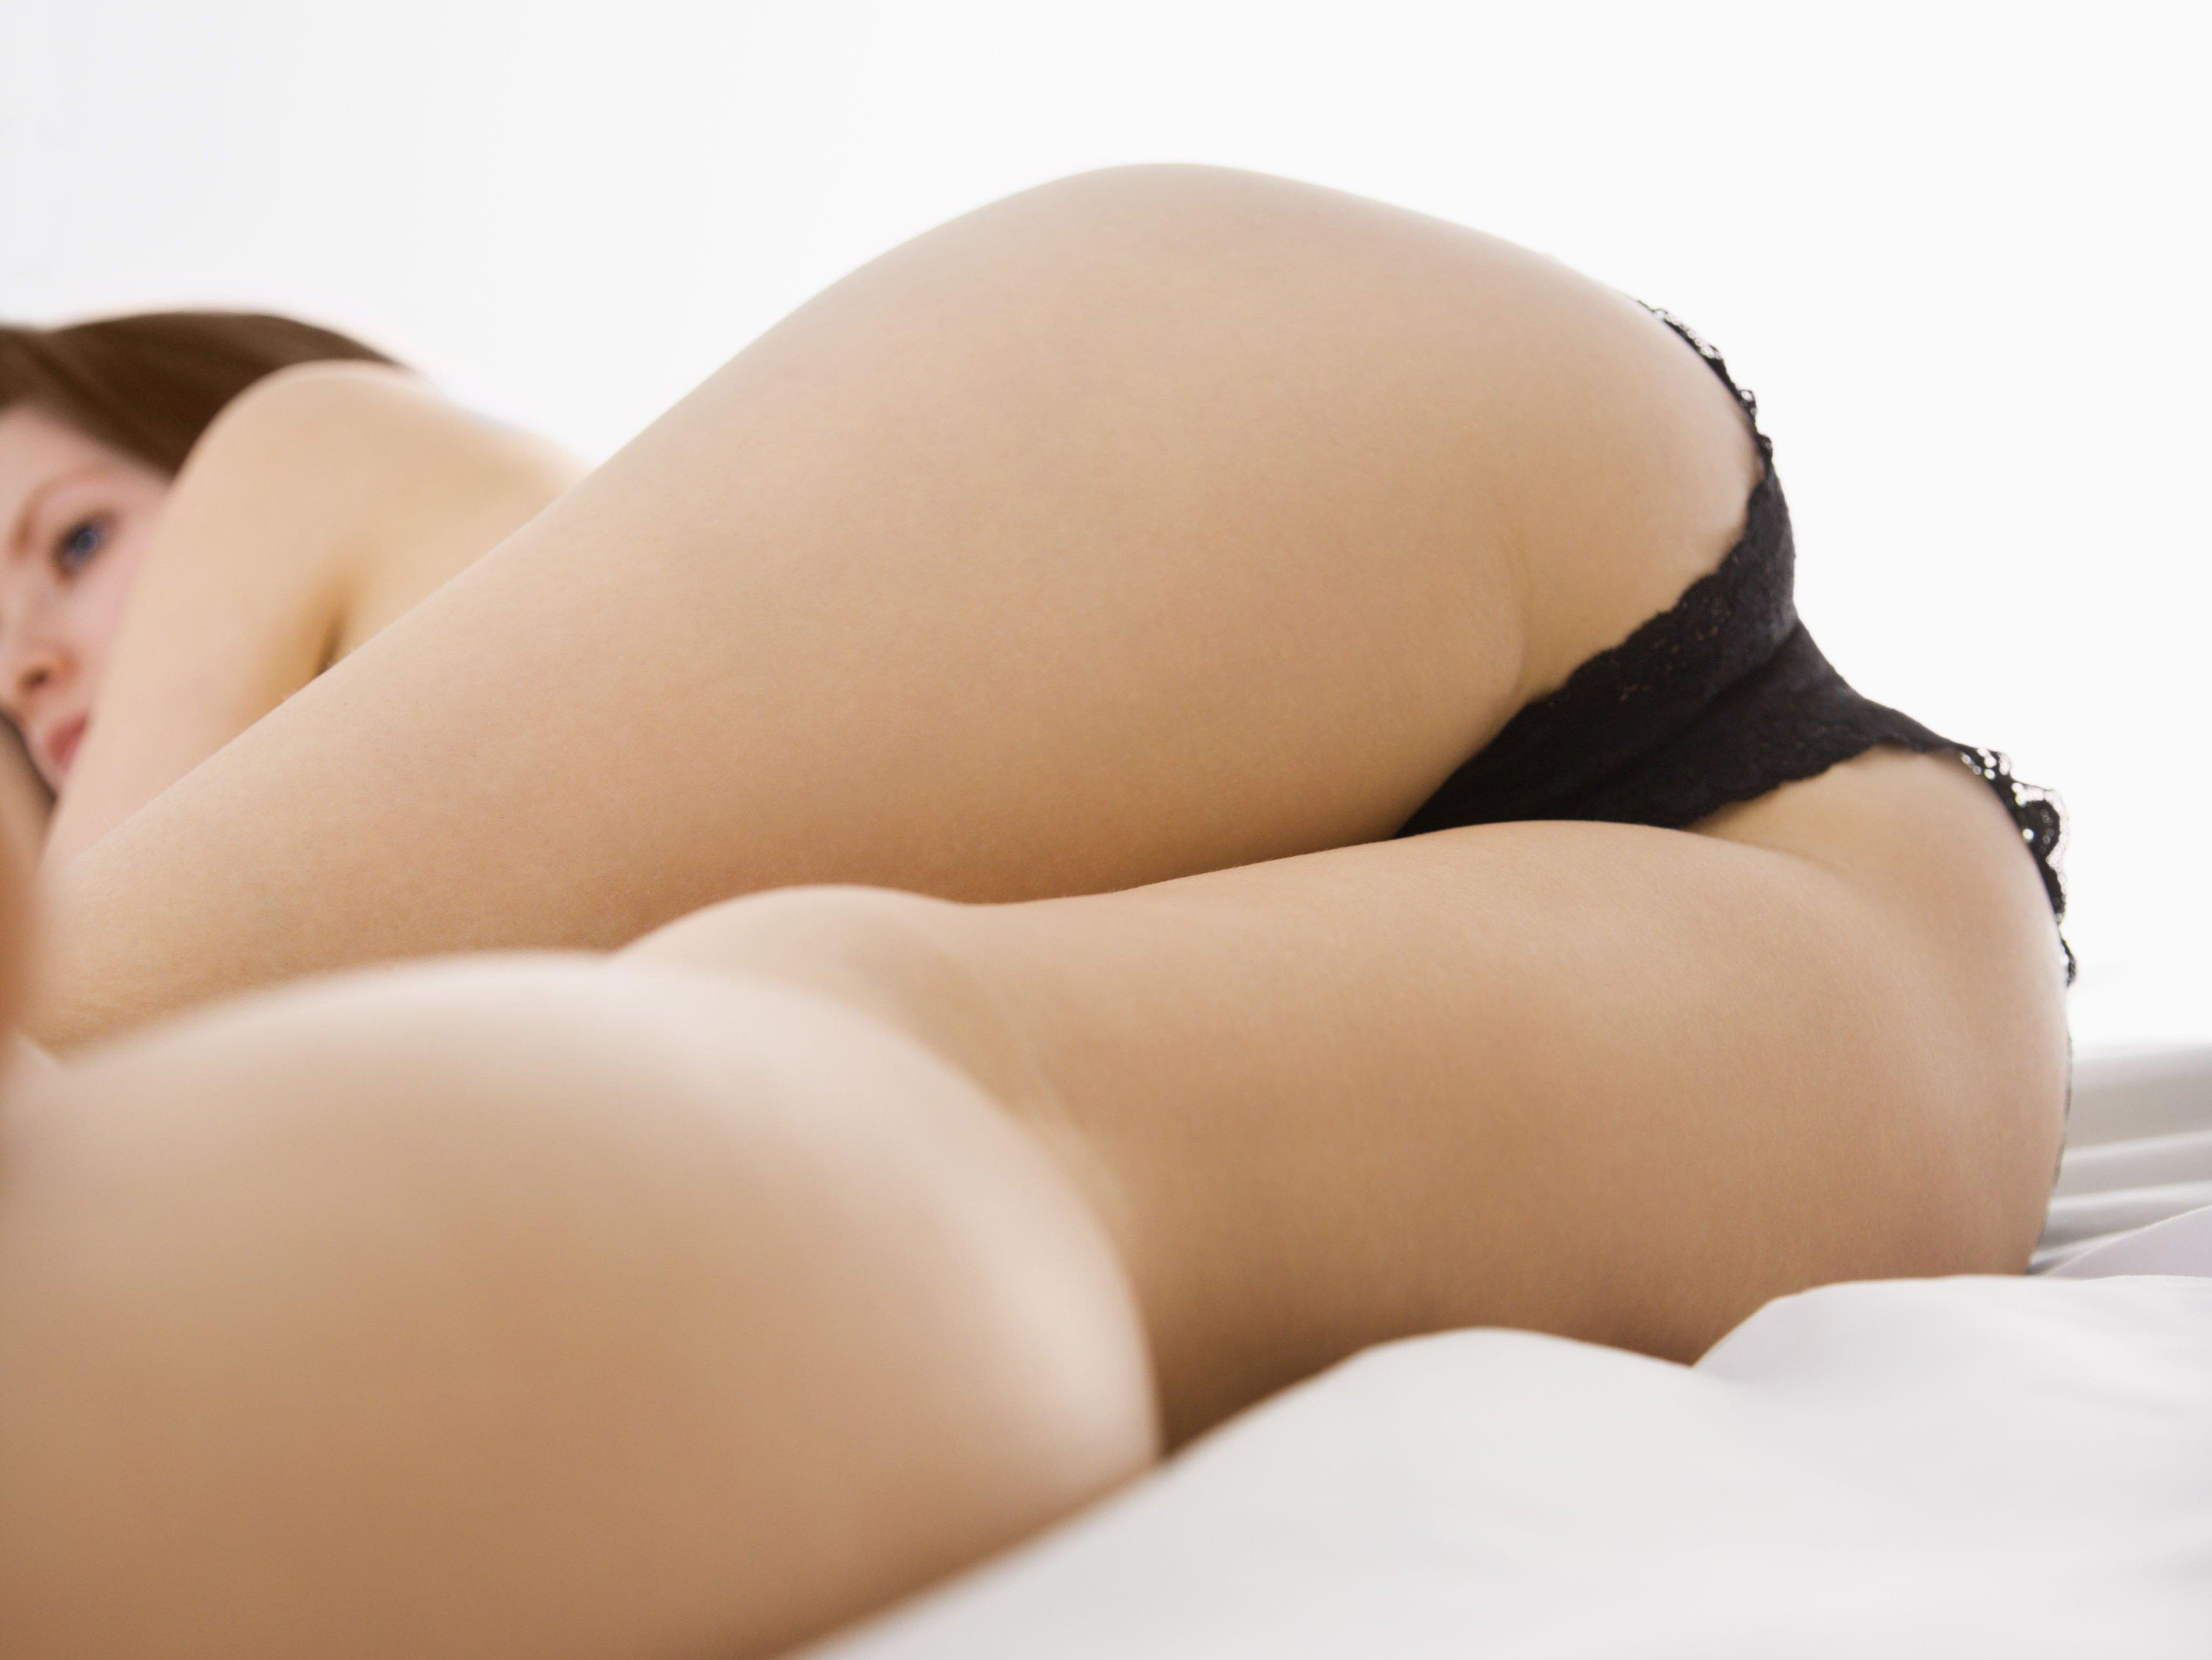 tipy na anální sex prdel černý tuk porno zdarma